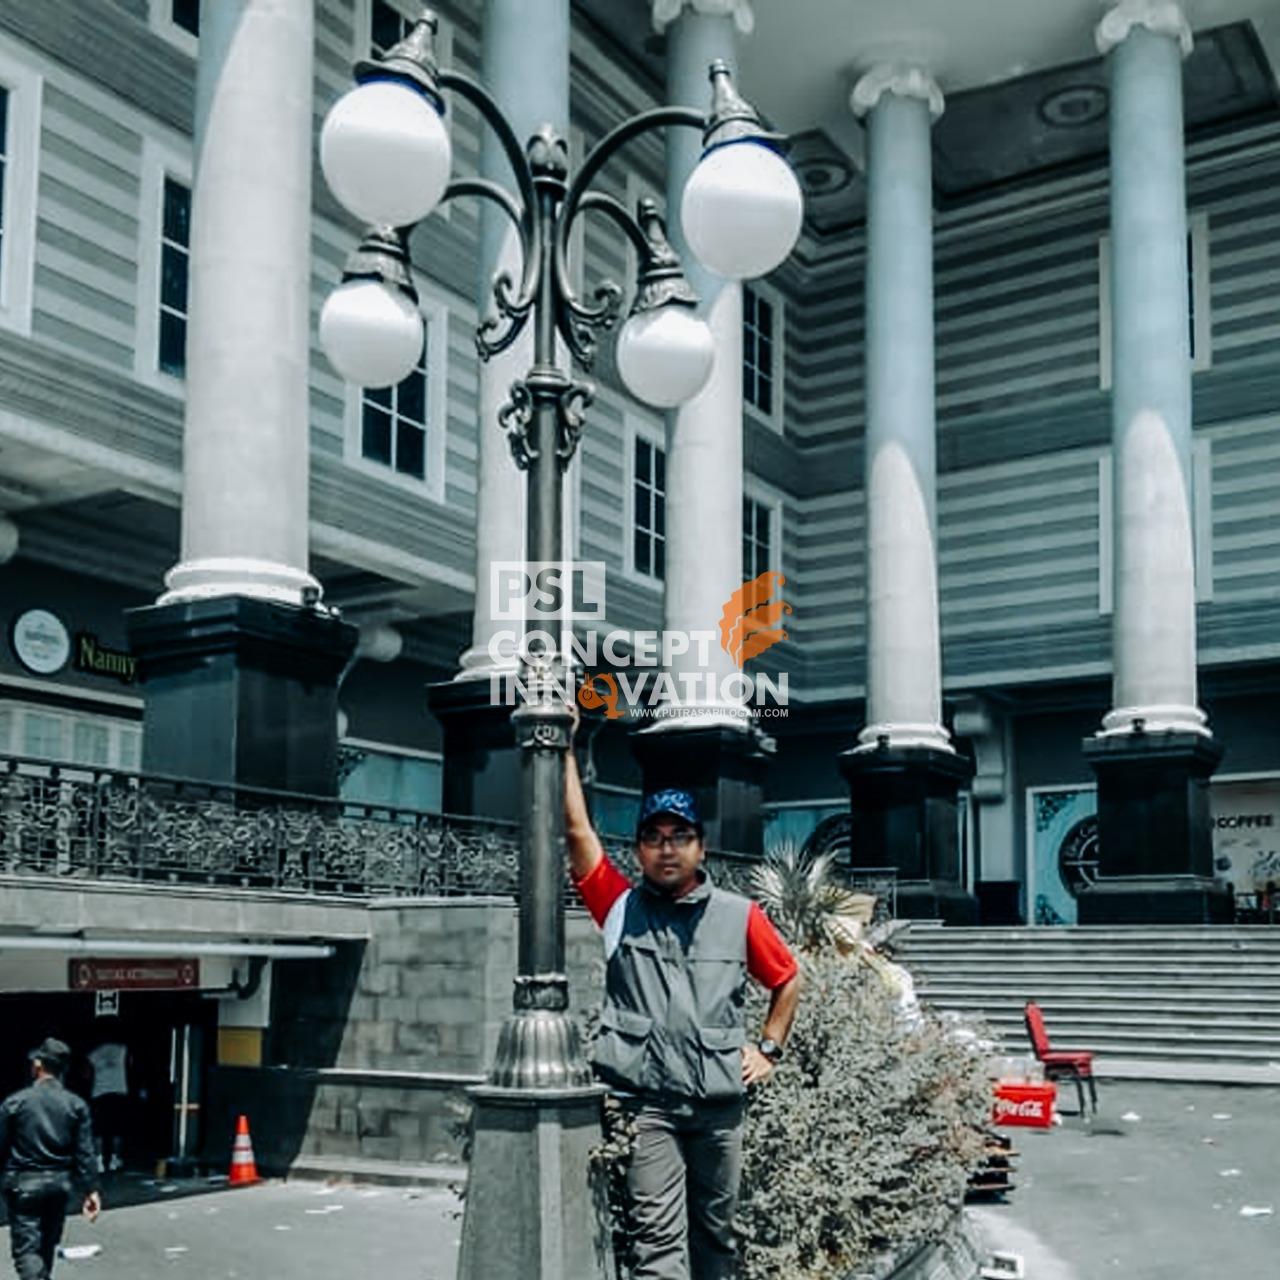 Tiang Lampu Penerang Desa Wisata Banjarejo